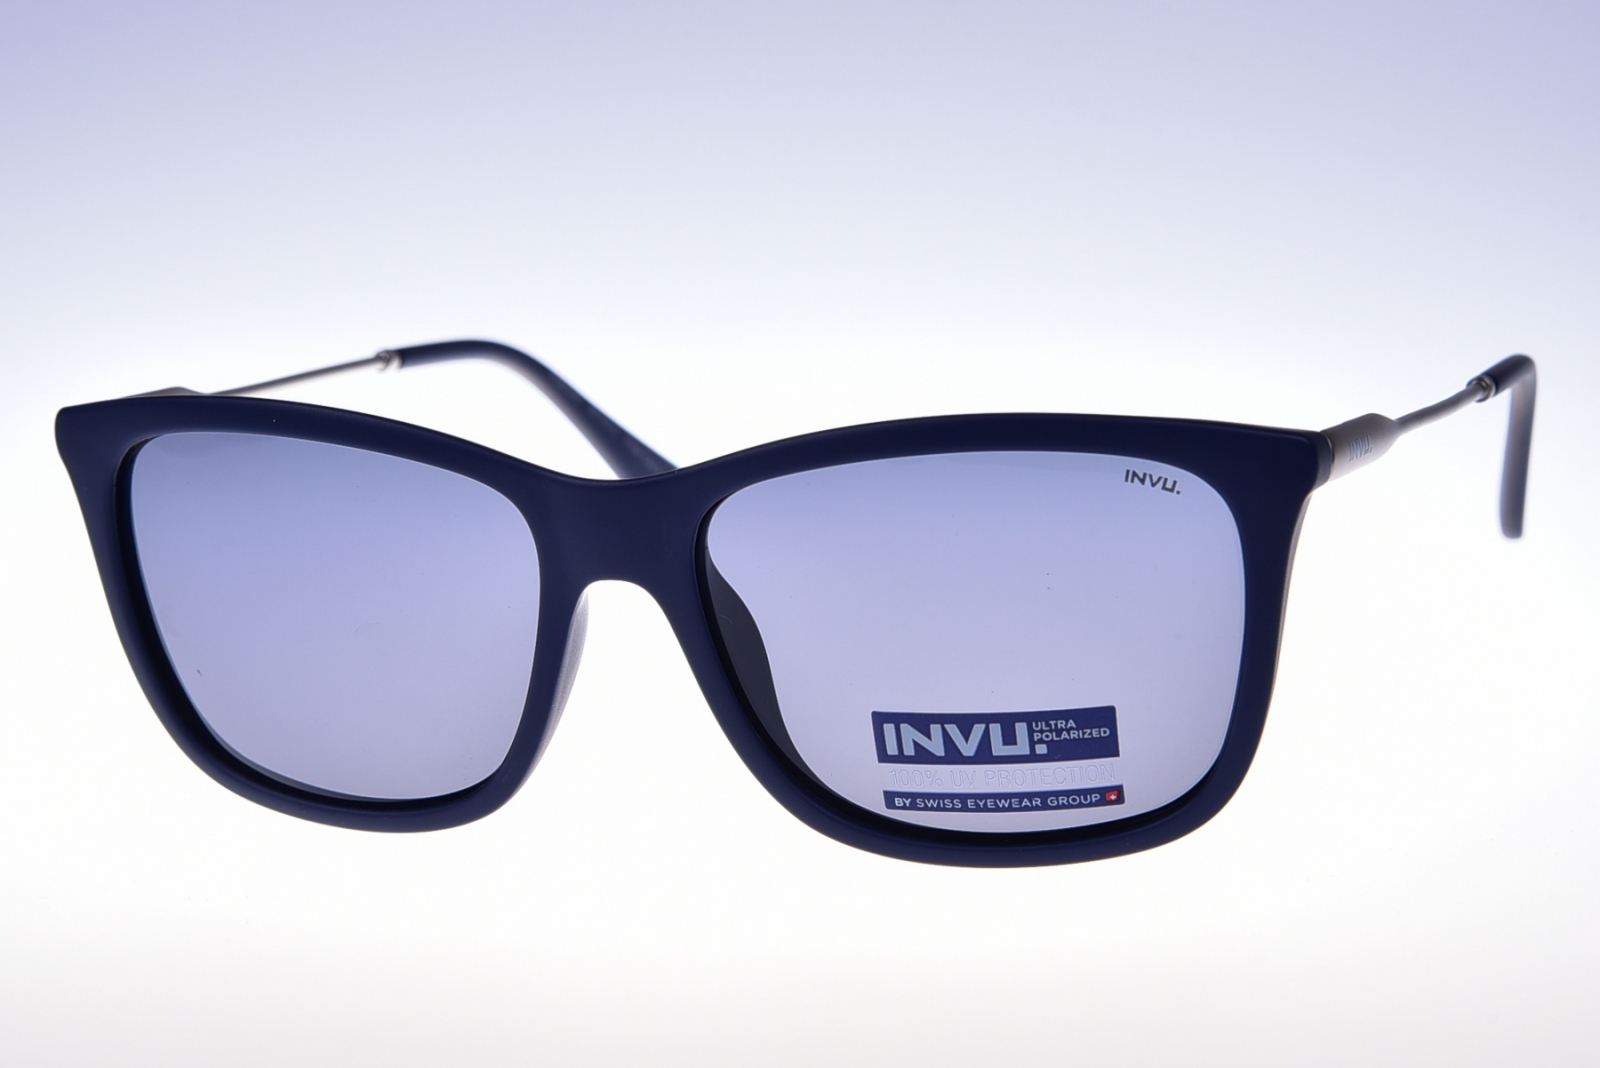 INVU. Classic B2723C - Unisex slnečné okuliare